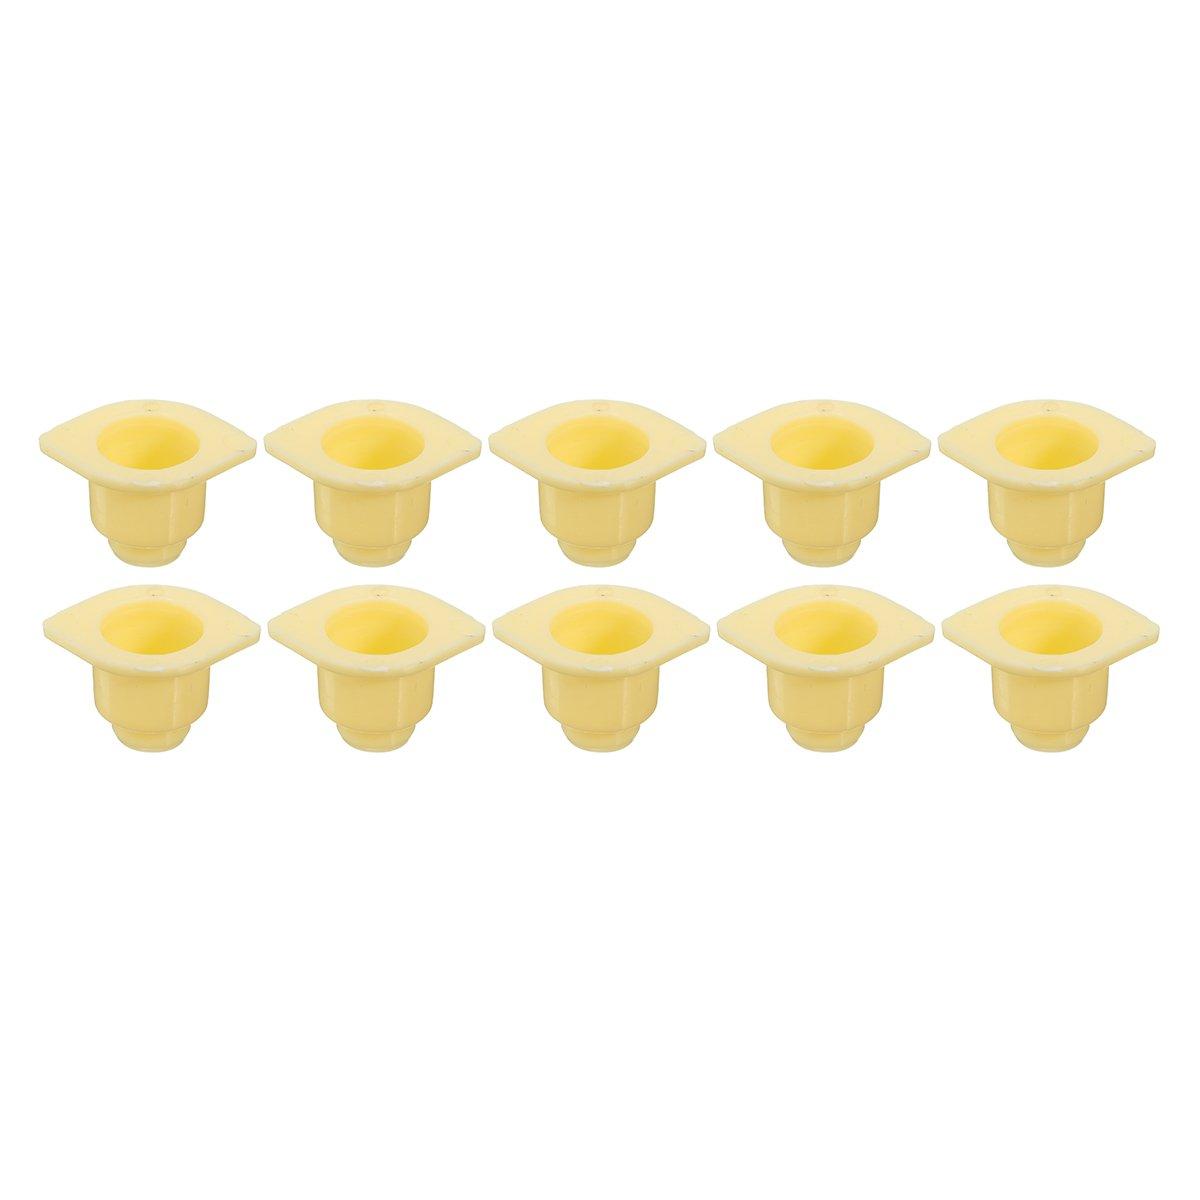 HTAIYN 131 stücke Bienenkönigin Aufzuchtsystem Werkzeug Bienenzucht Set Cupkit Box Box Box Cell Cups Komplett Popular B07Q9ZF9SR Multifunktionswerkzeuge Rich-pünktliche Lieferung c96fdc